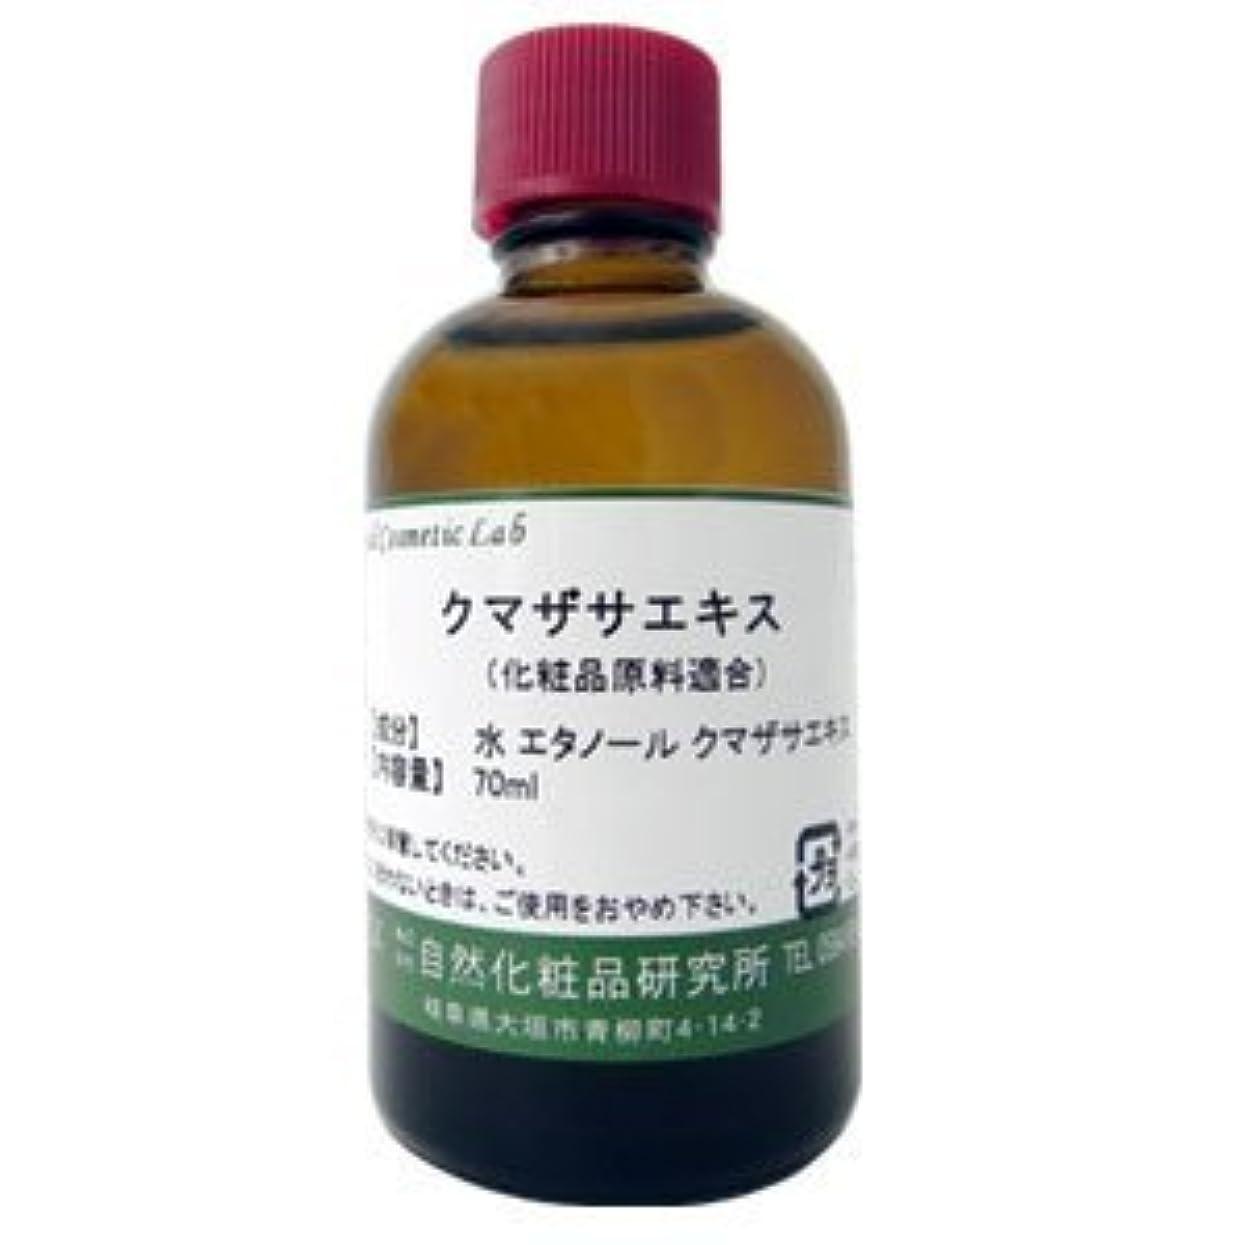 優遇ビリーヤギ葉クマザサエキス 化粧品原料 70ml